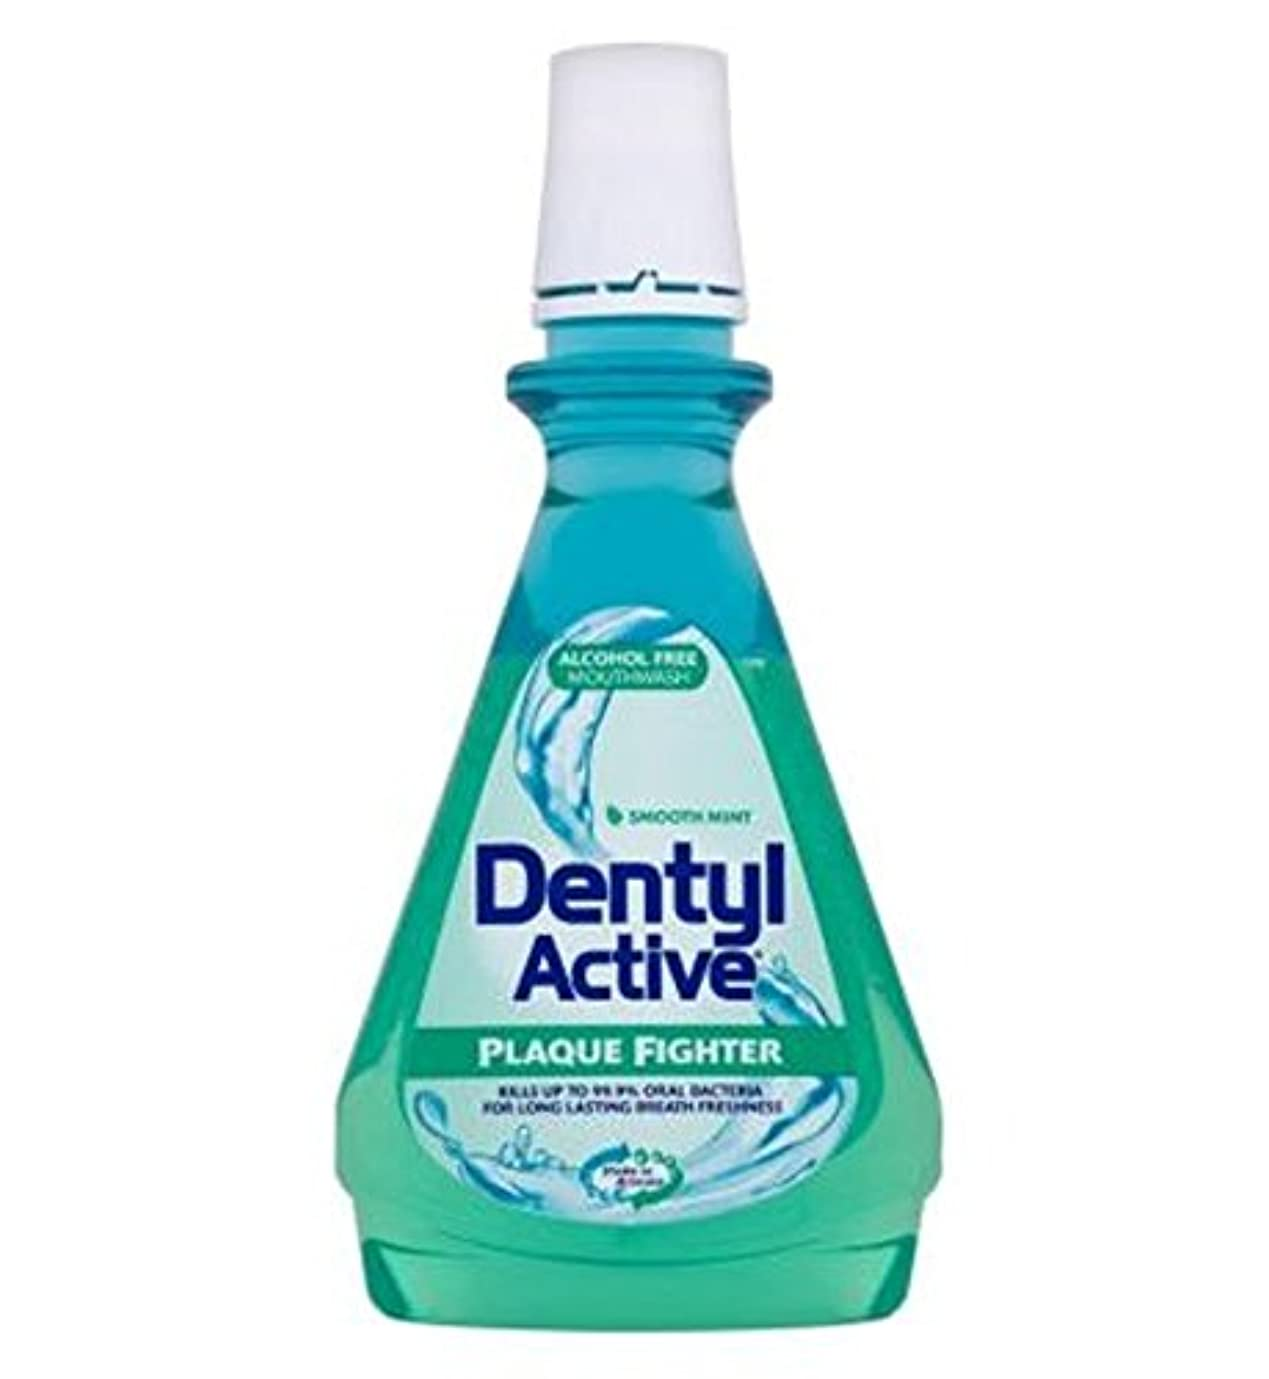 液化するバーズームインするDentylアクティブな滑らかなミントマウスウォッシュ500ミリリットル (Dentyl) (x2) - Dentyl Active Smooth Mint Mouthwash 500ml (Pack of 2) [並行輸入品]